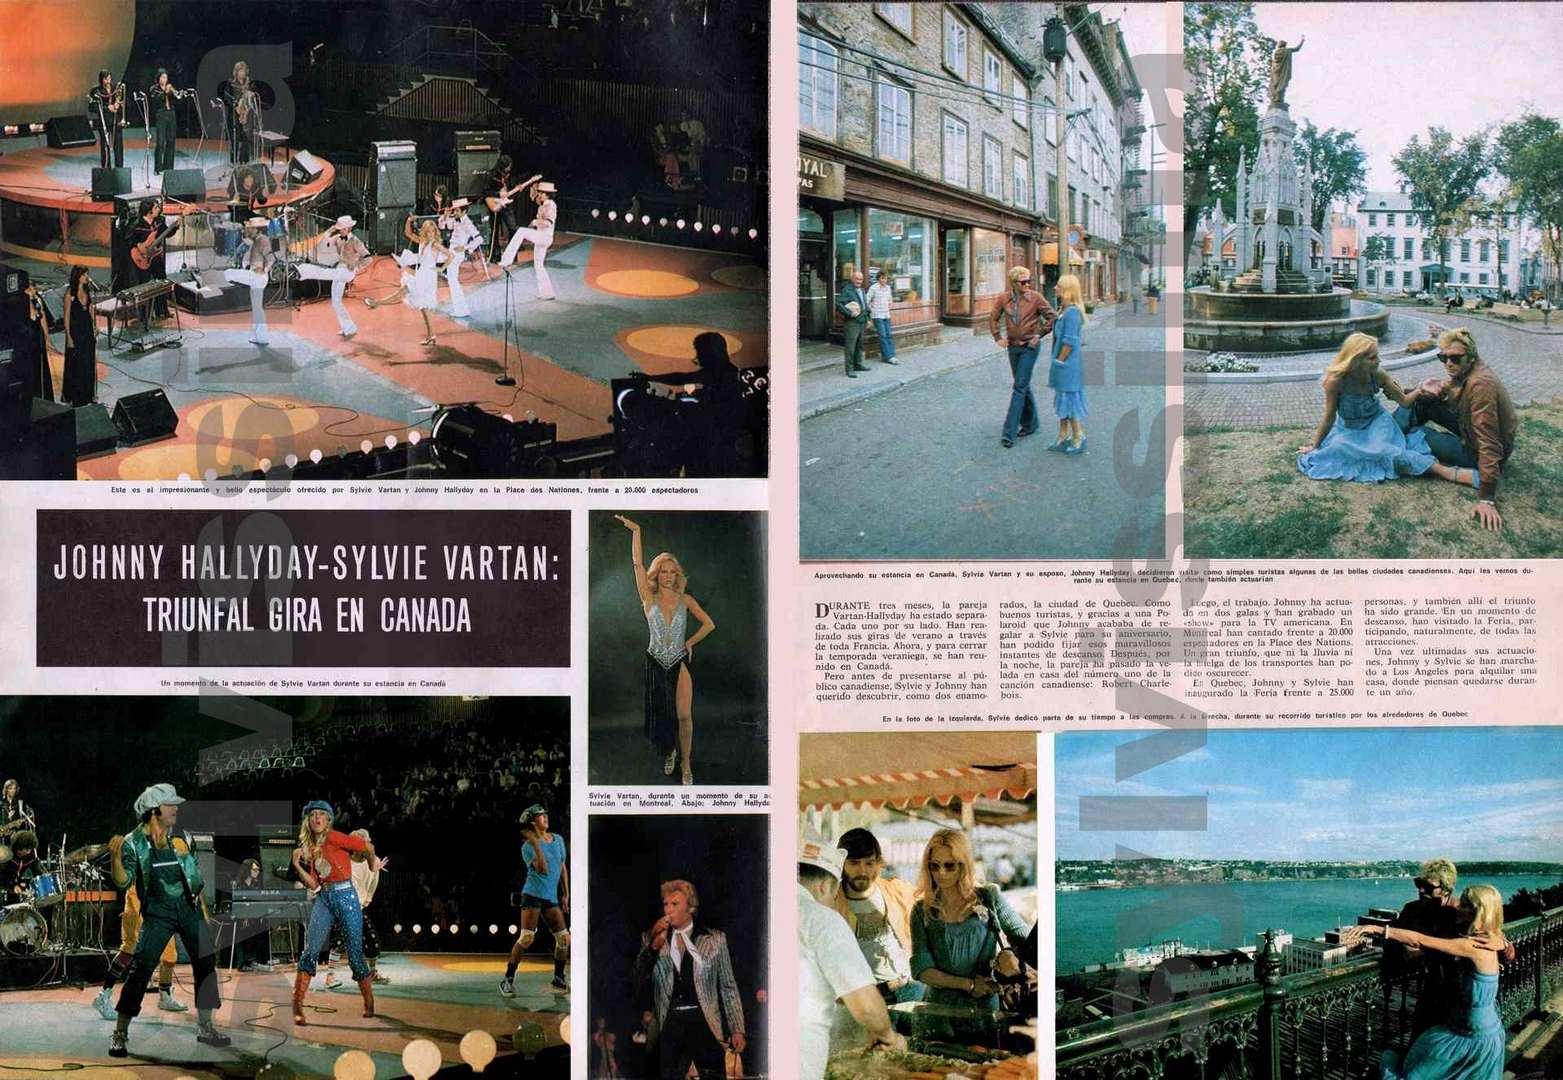 Sylvie vartan arrets sur images qu bec 1975 carnet de voyage quebec 197 - Acheter maison los angeles ...